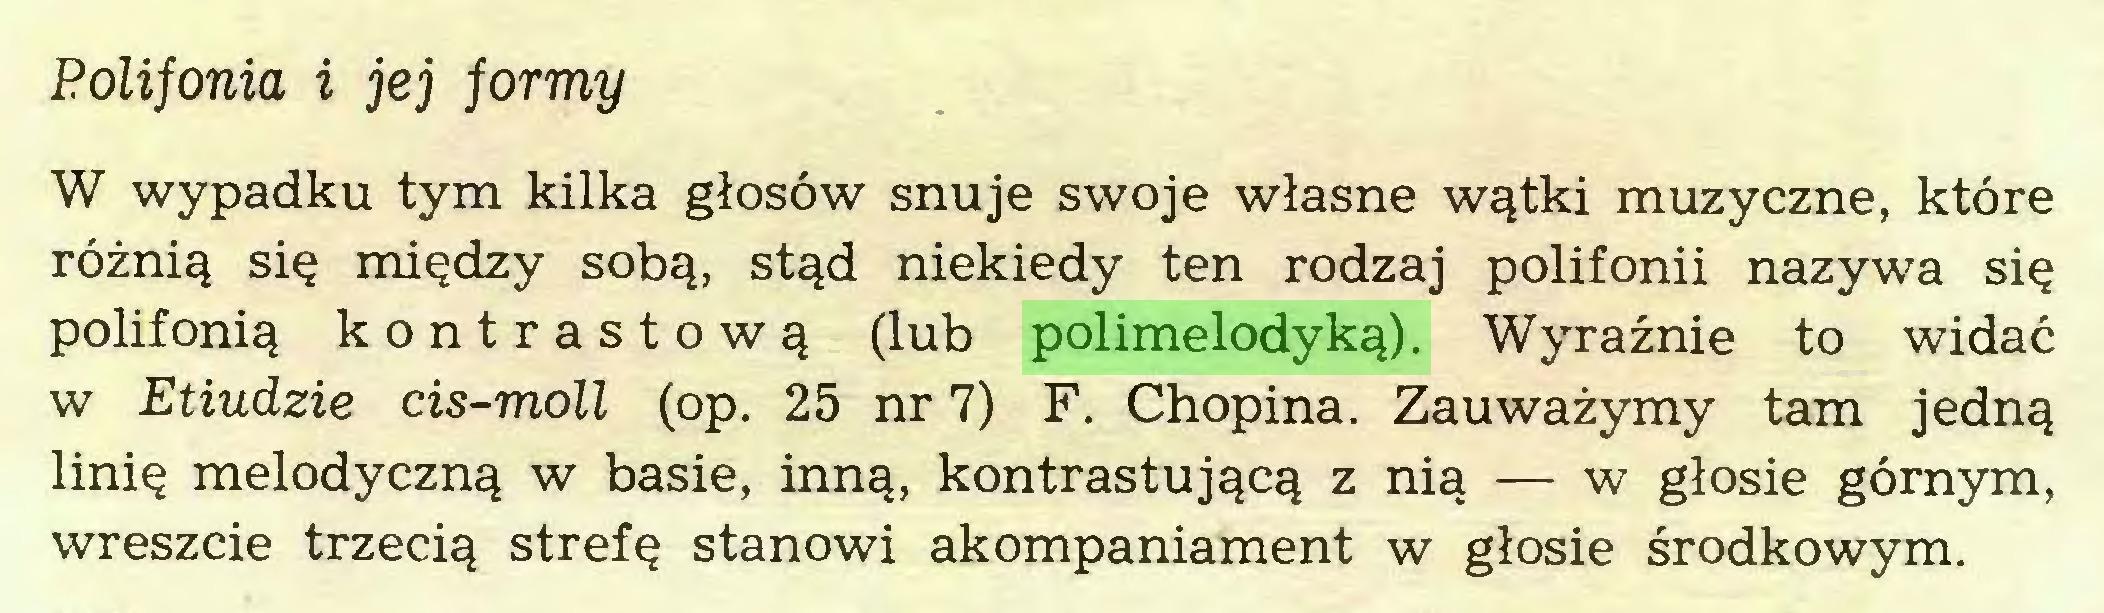 (...) Polifonia i jej formy W wypadku tym kilka głosów snuje swoje własne wątki muzyczne, które różnią się między sobą, stąd niekiedy ten rodzaj polifonii nazywa się polifonią kontrastową (lub polimelodyką). Wyraźnie to widać w Etiudzie cis-moll (op. 25 nr 7) F. Chopina. Zauważymy tam jedną linię melodyczną w basie, inną, kontrastującą z nią — w głosie górnym, wreszcie trzecią strefę stanowi akompaniament w głosie środkowym...